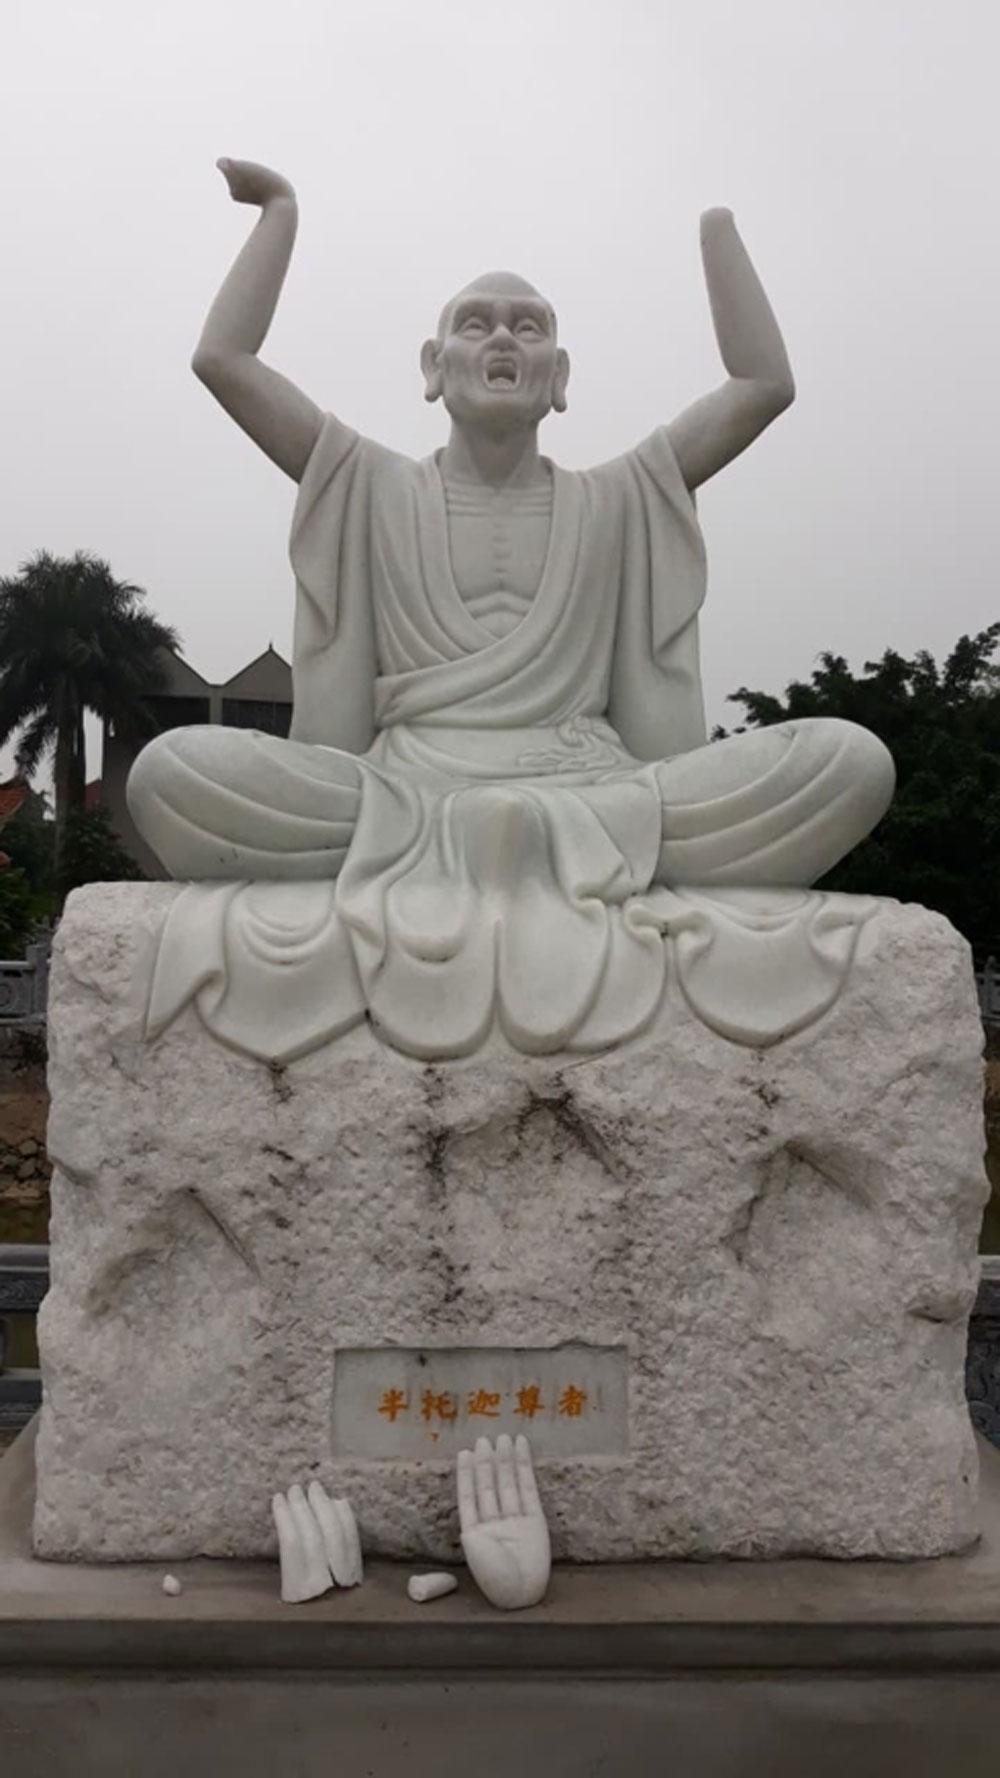 Vụ bẻ tay tượng phật, Camera ghi được hình ảnh, công an vào cuộc, bẻ tay tượng phật ở chùa Khánh Long